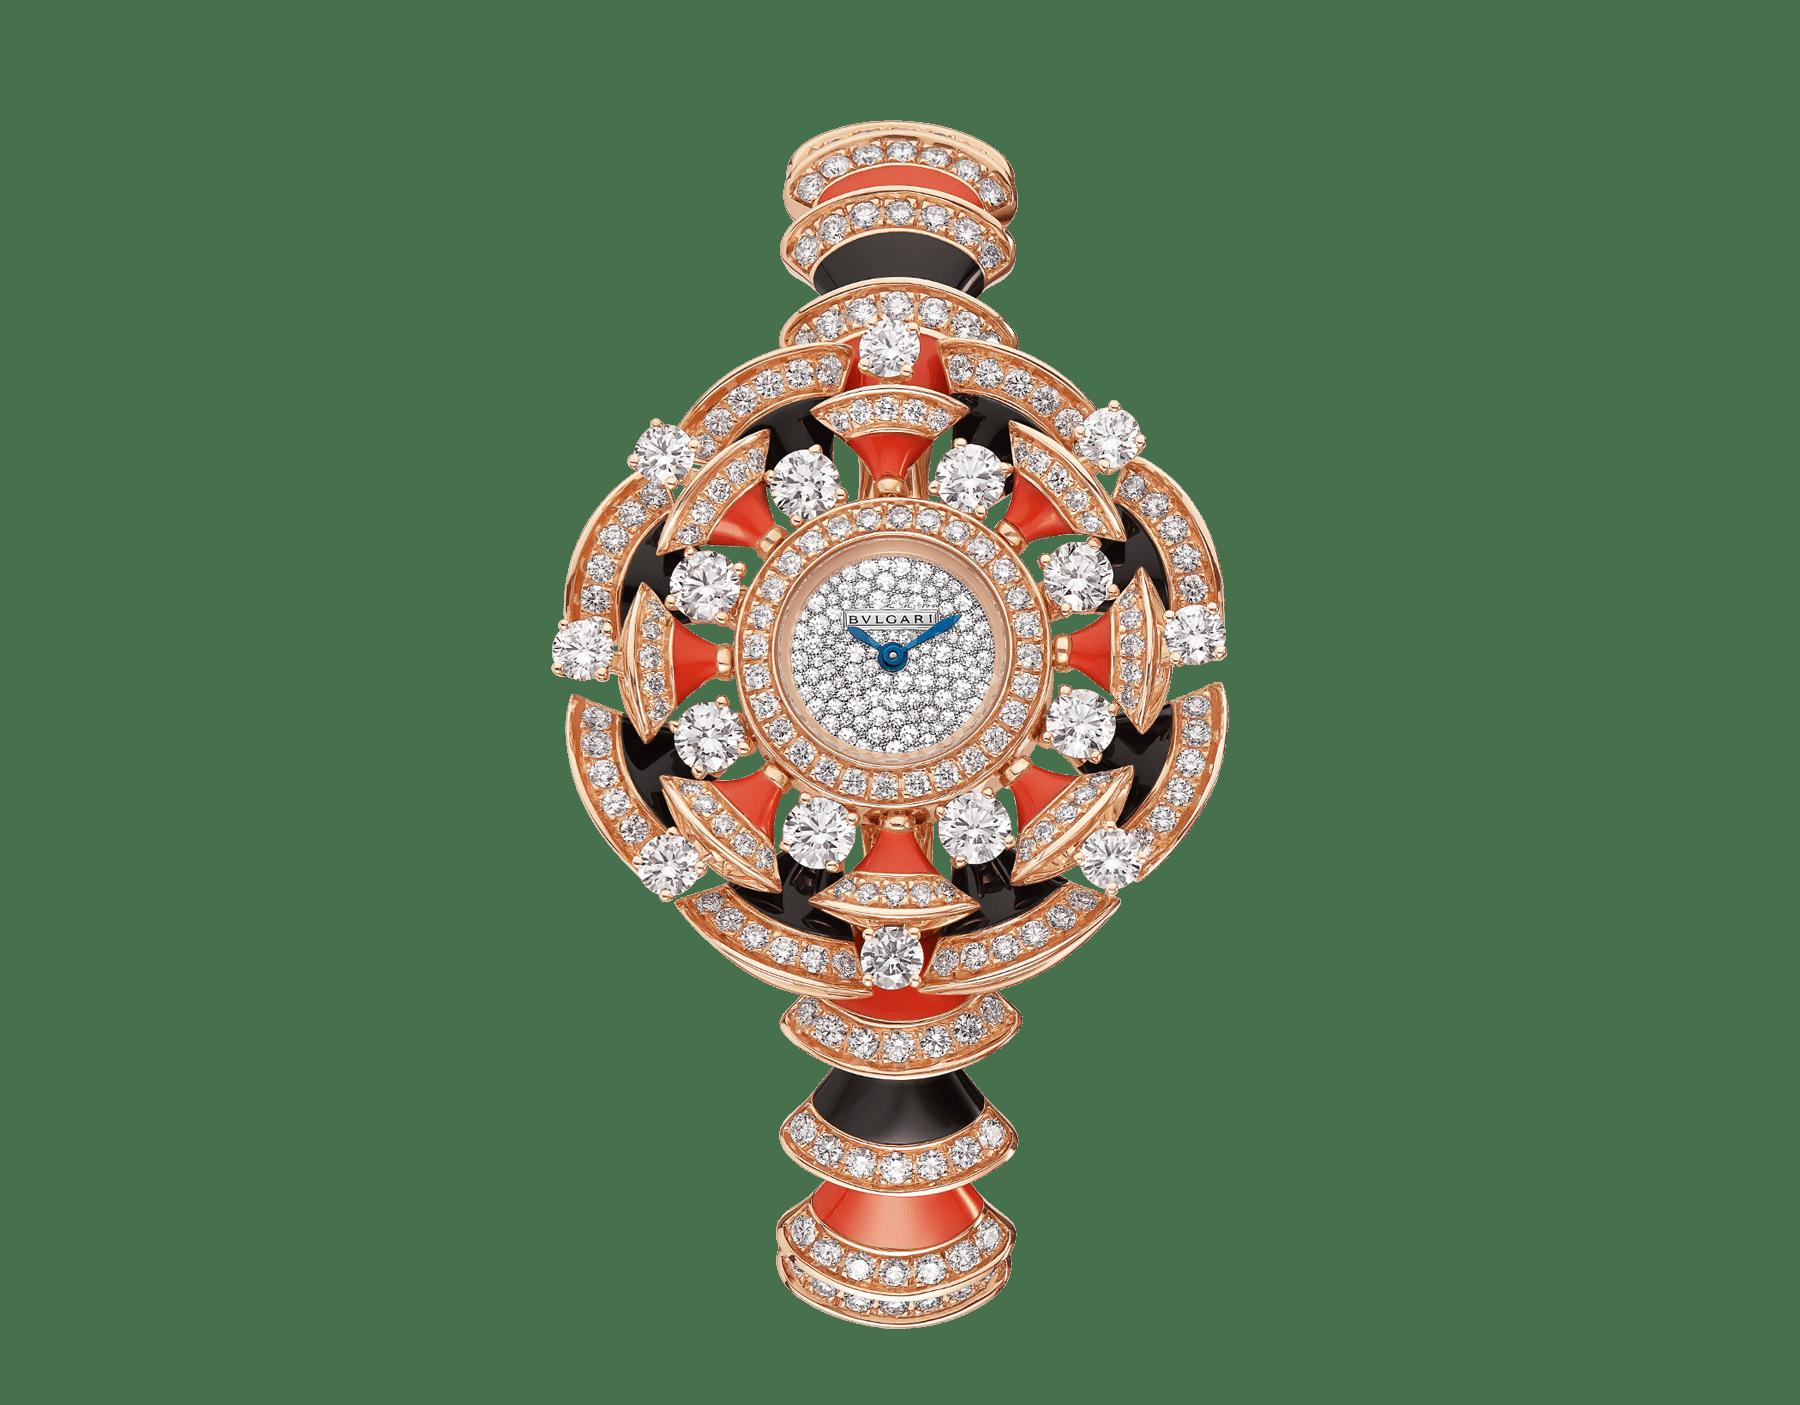 DIVAS' DREAM Uhr mit Gehäuse und Armband aus 18 Karat Roségold, beide mit Diamanten im Brillantschliff, Elementen aus Onyx und roter Koralle, mit Zifferblatt in Neige Pavé-Technik 102422 image 1